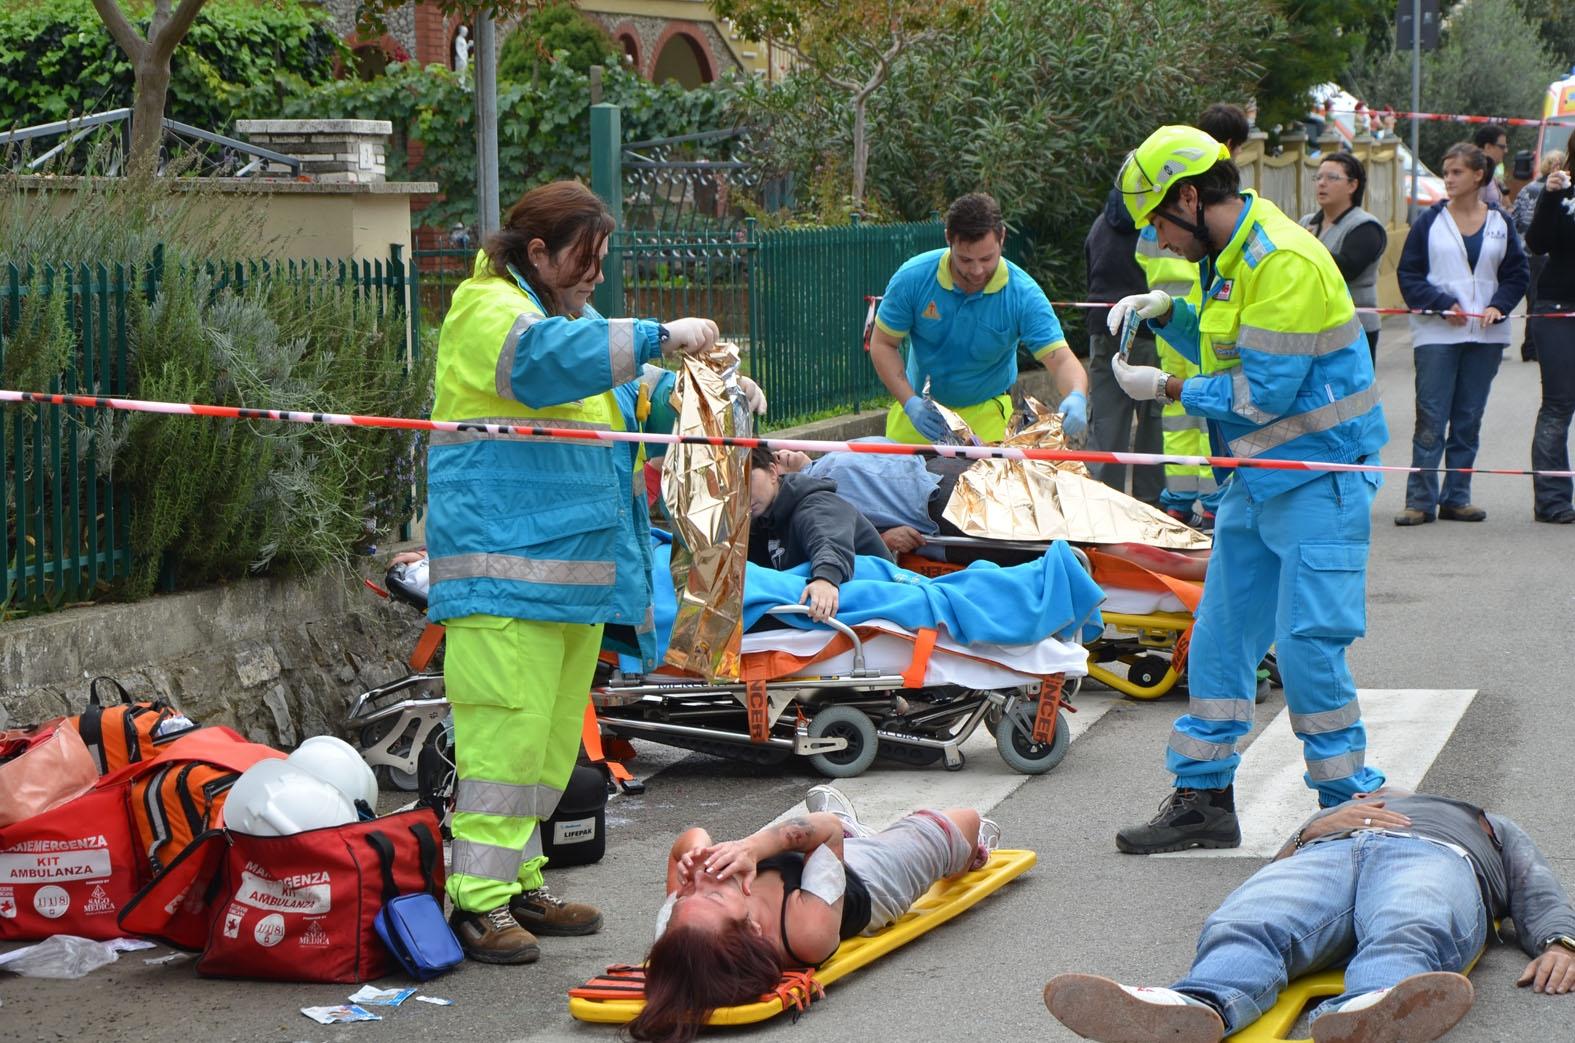 Maxiesercitazione di protezione civile a Terontola: reportage e foto